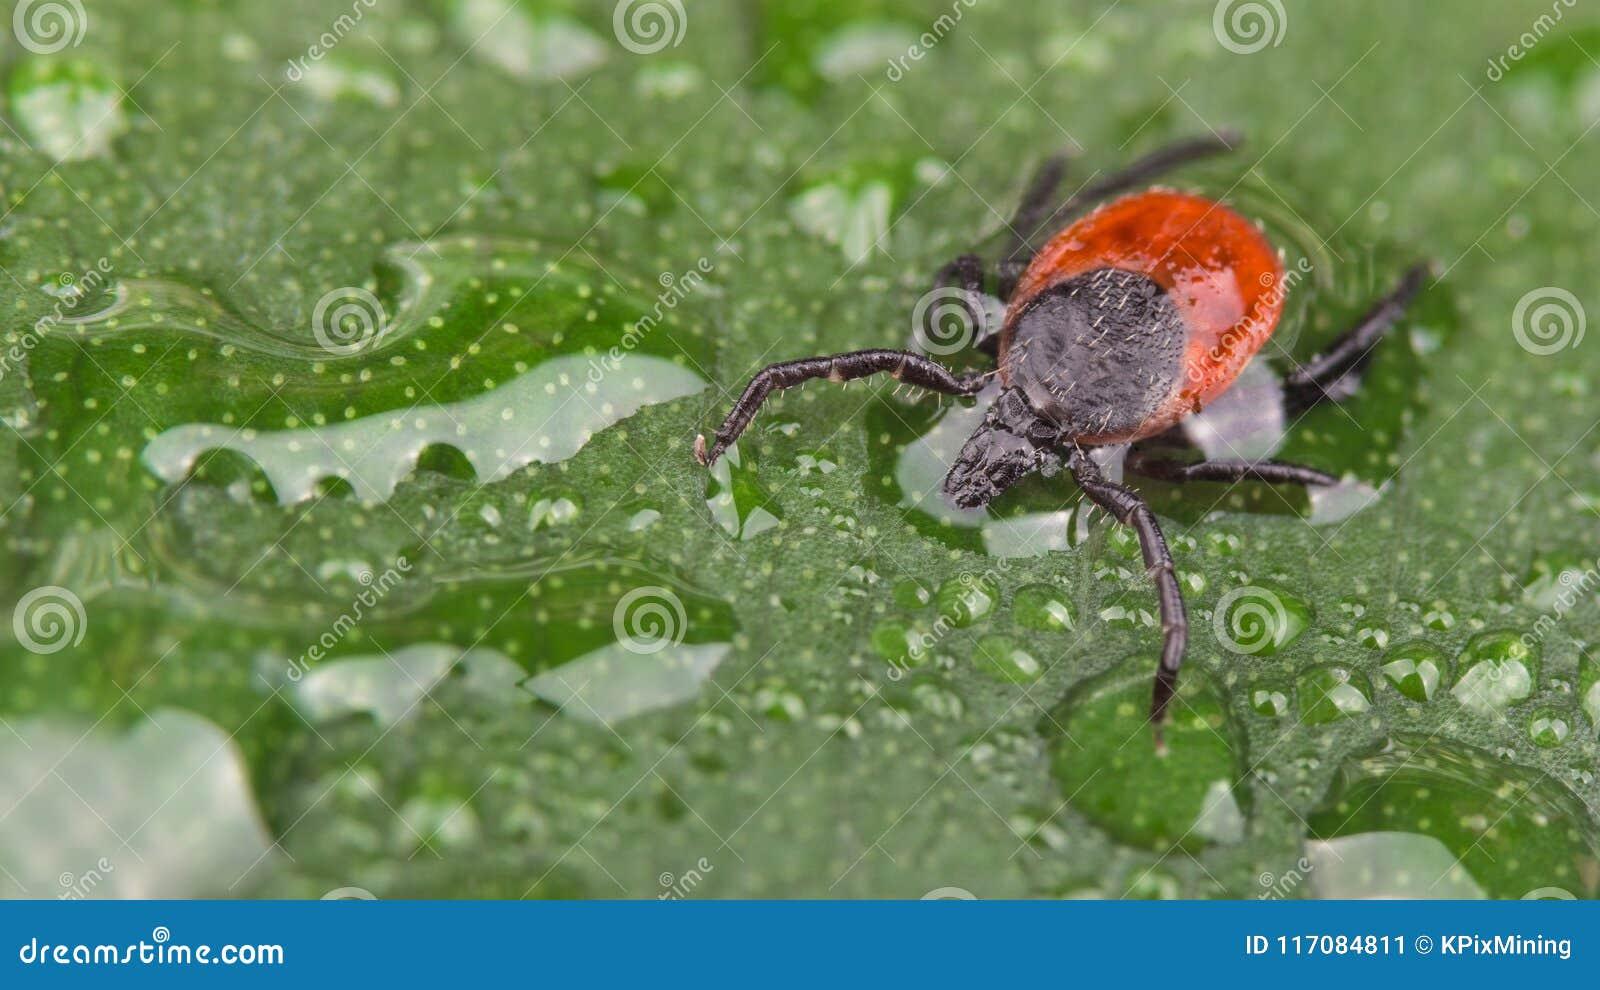 Nasse Rotwildzecke auf grünem Blatt mit Wasser fällt Ixodes Ricinus